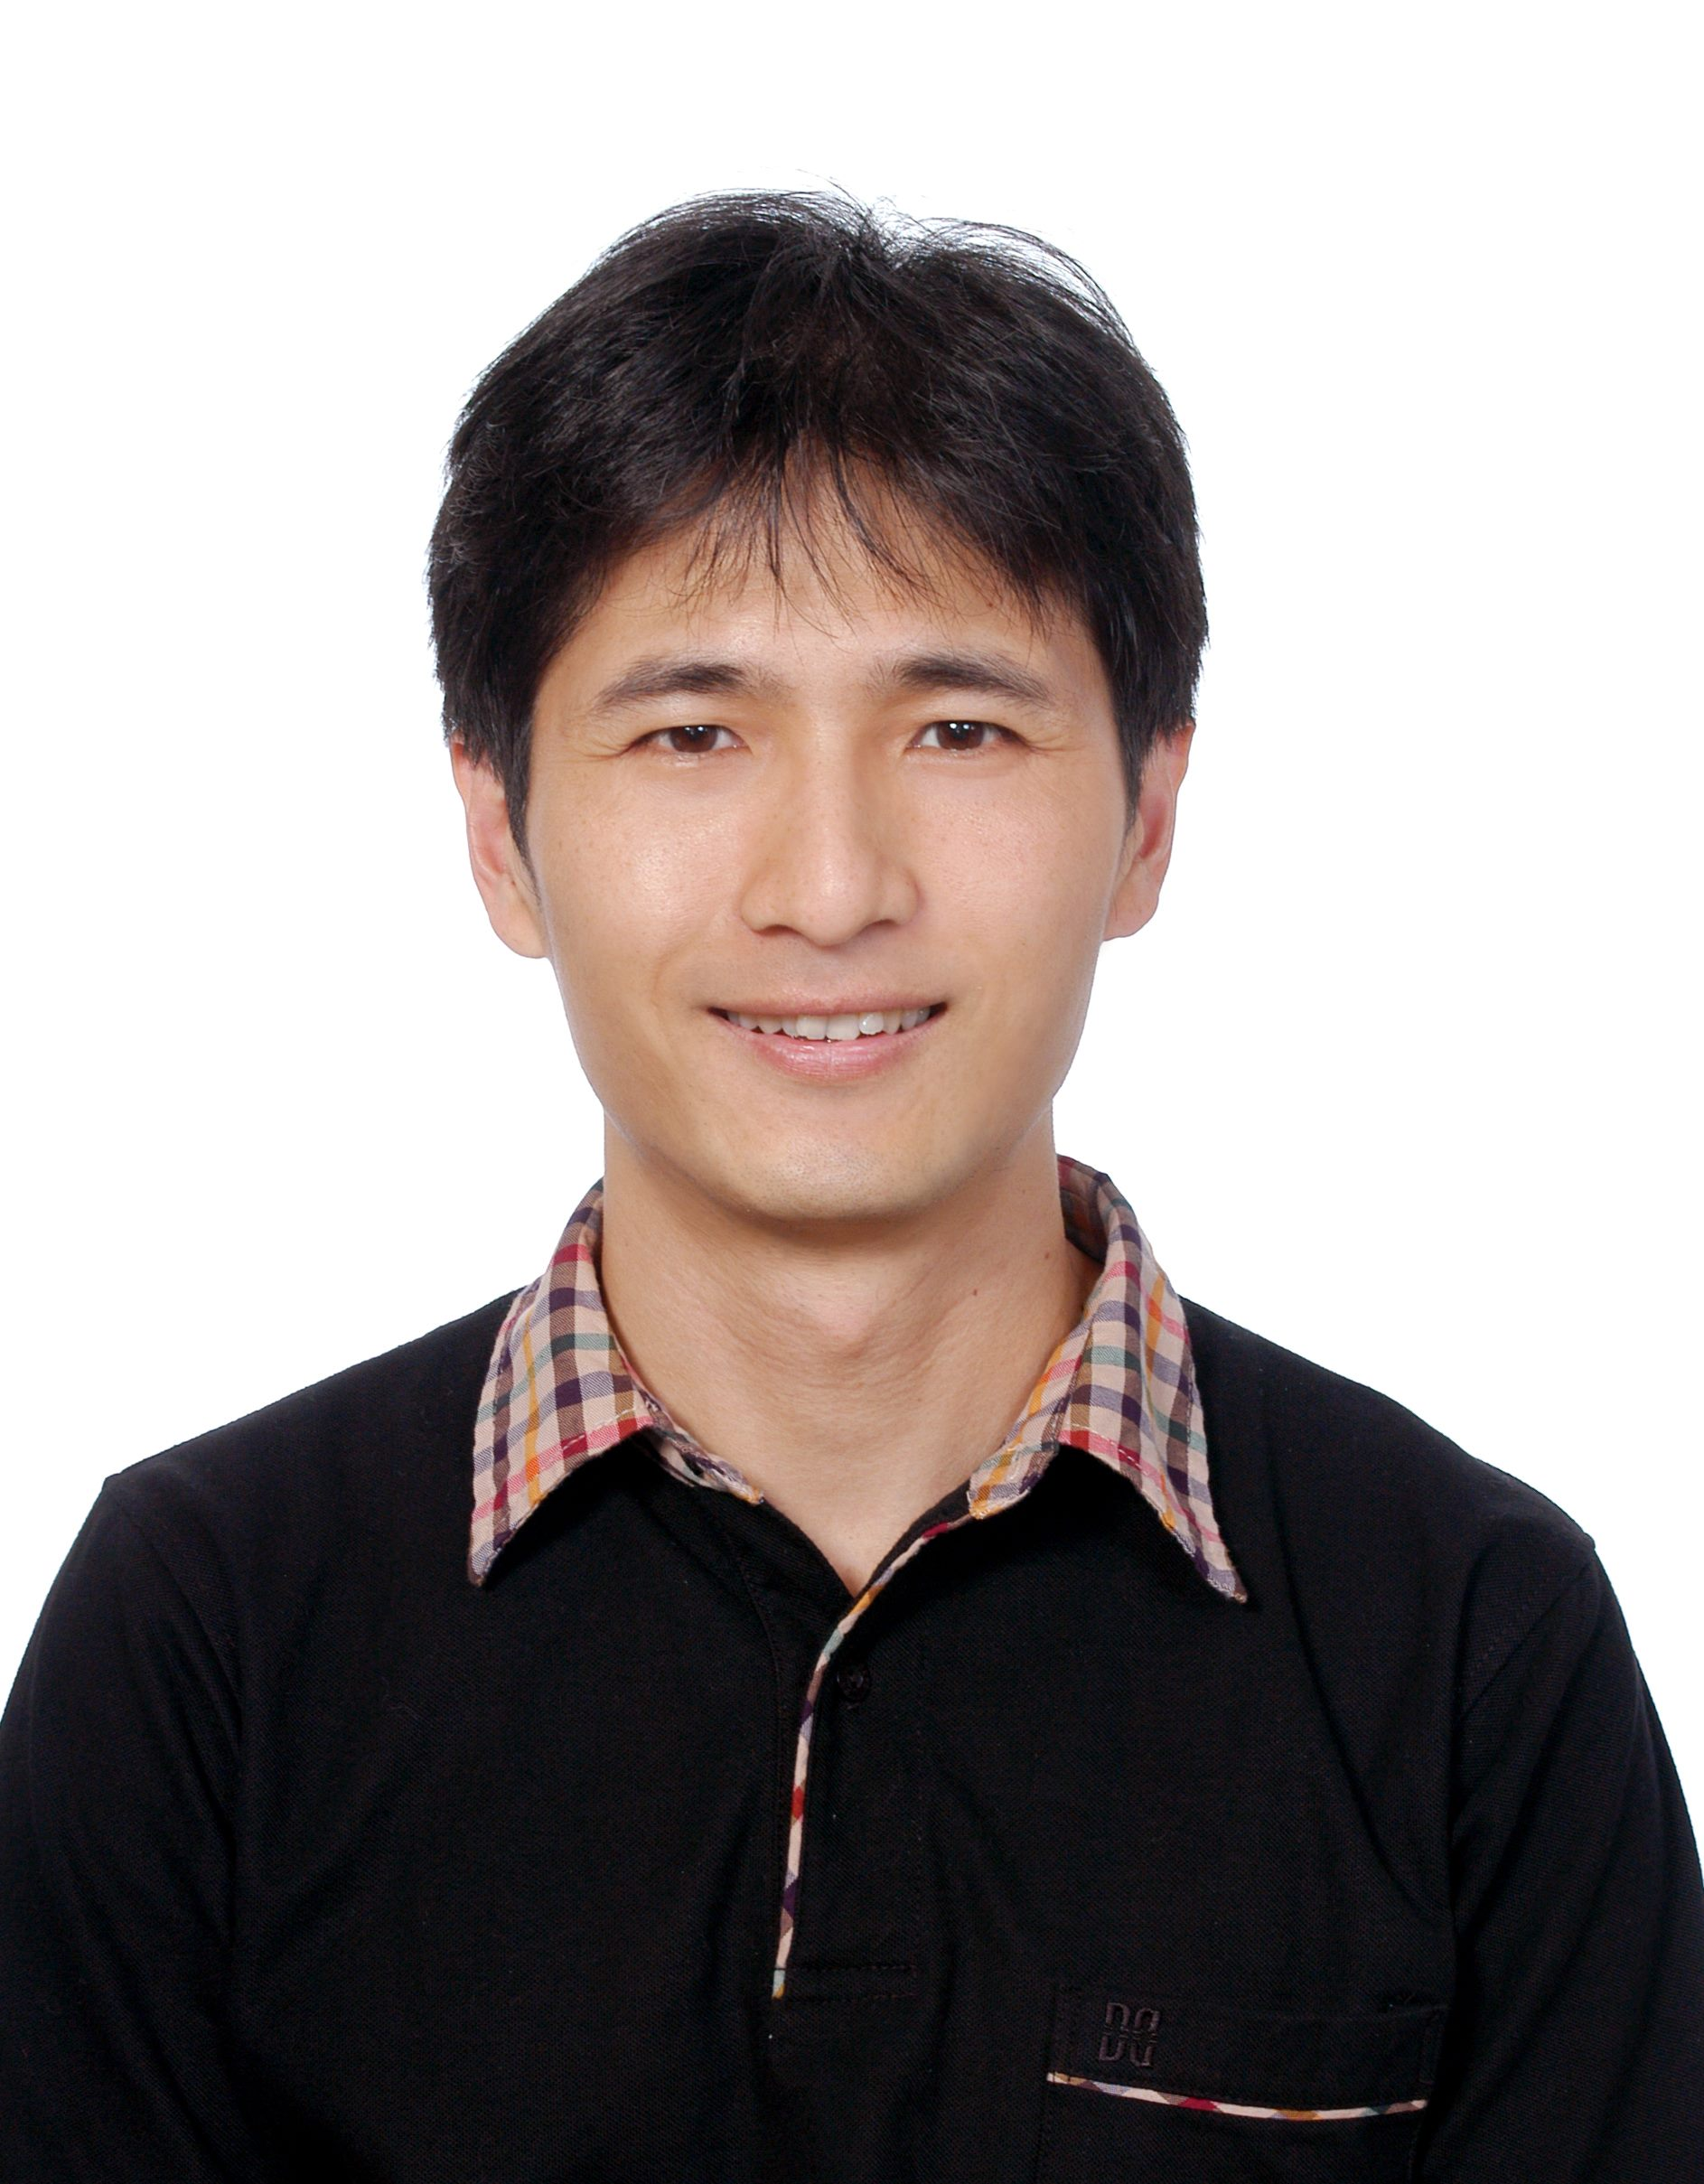 李煥中里長-大頭照片